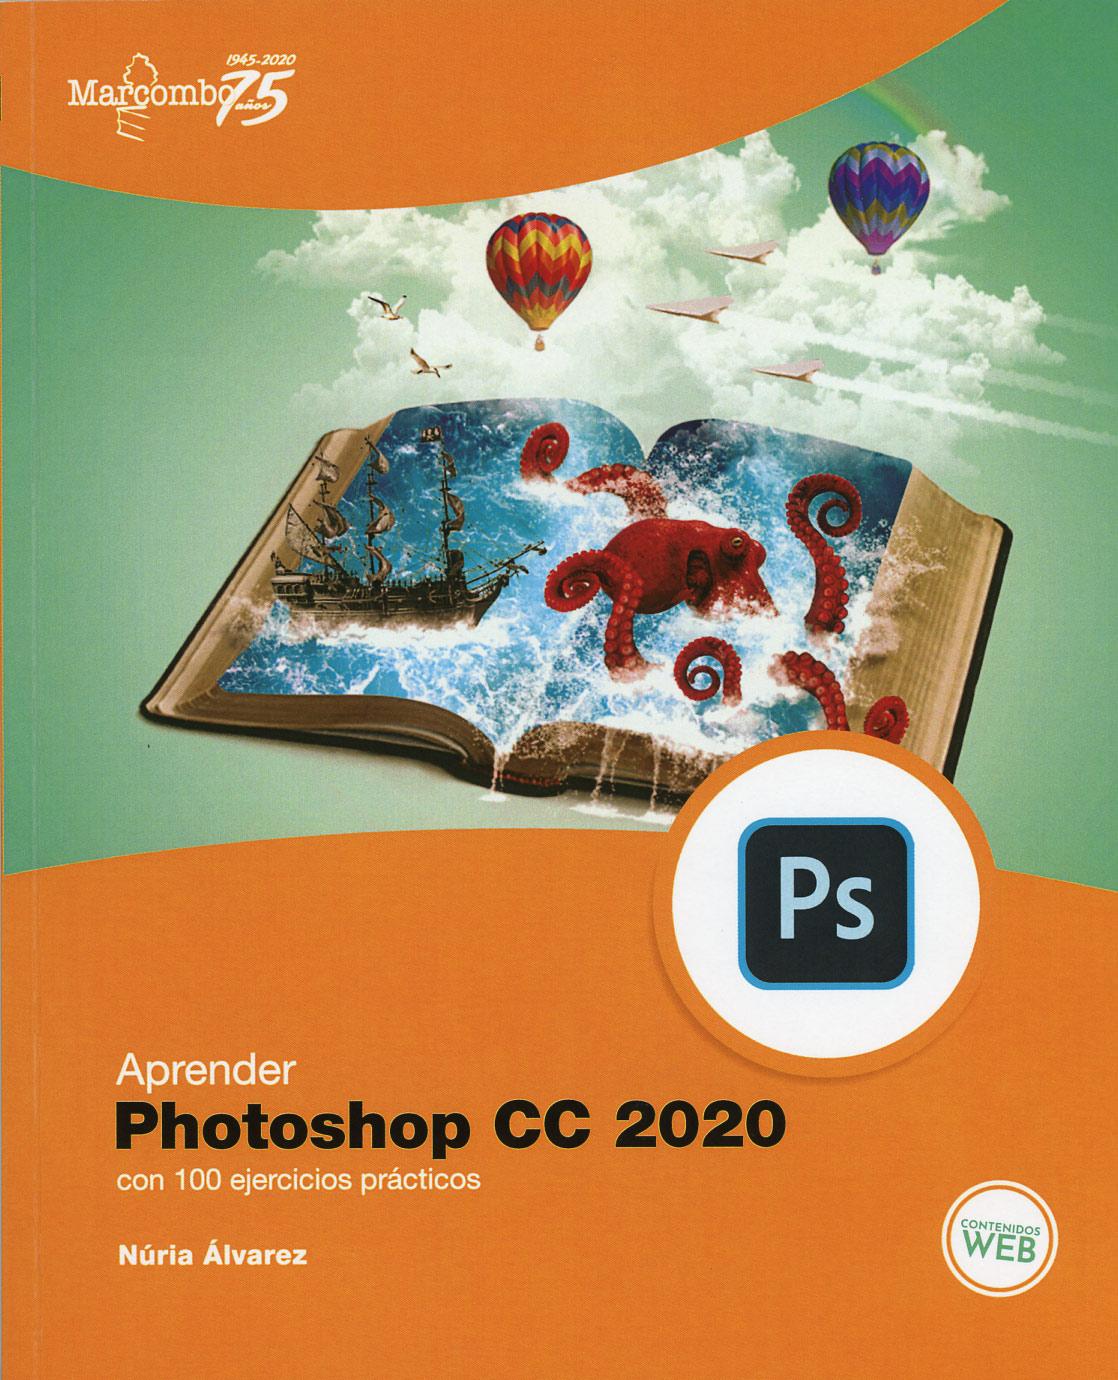 Libro recomendado para Julio:Aprender Photoshop CC 2020, edición completamente nueva de un clásico.